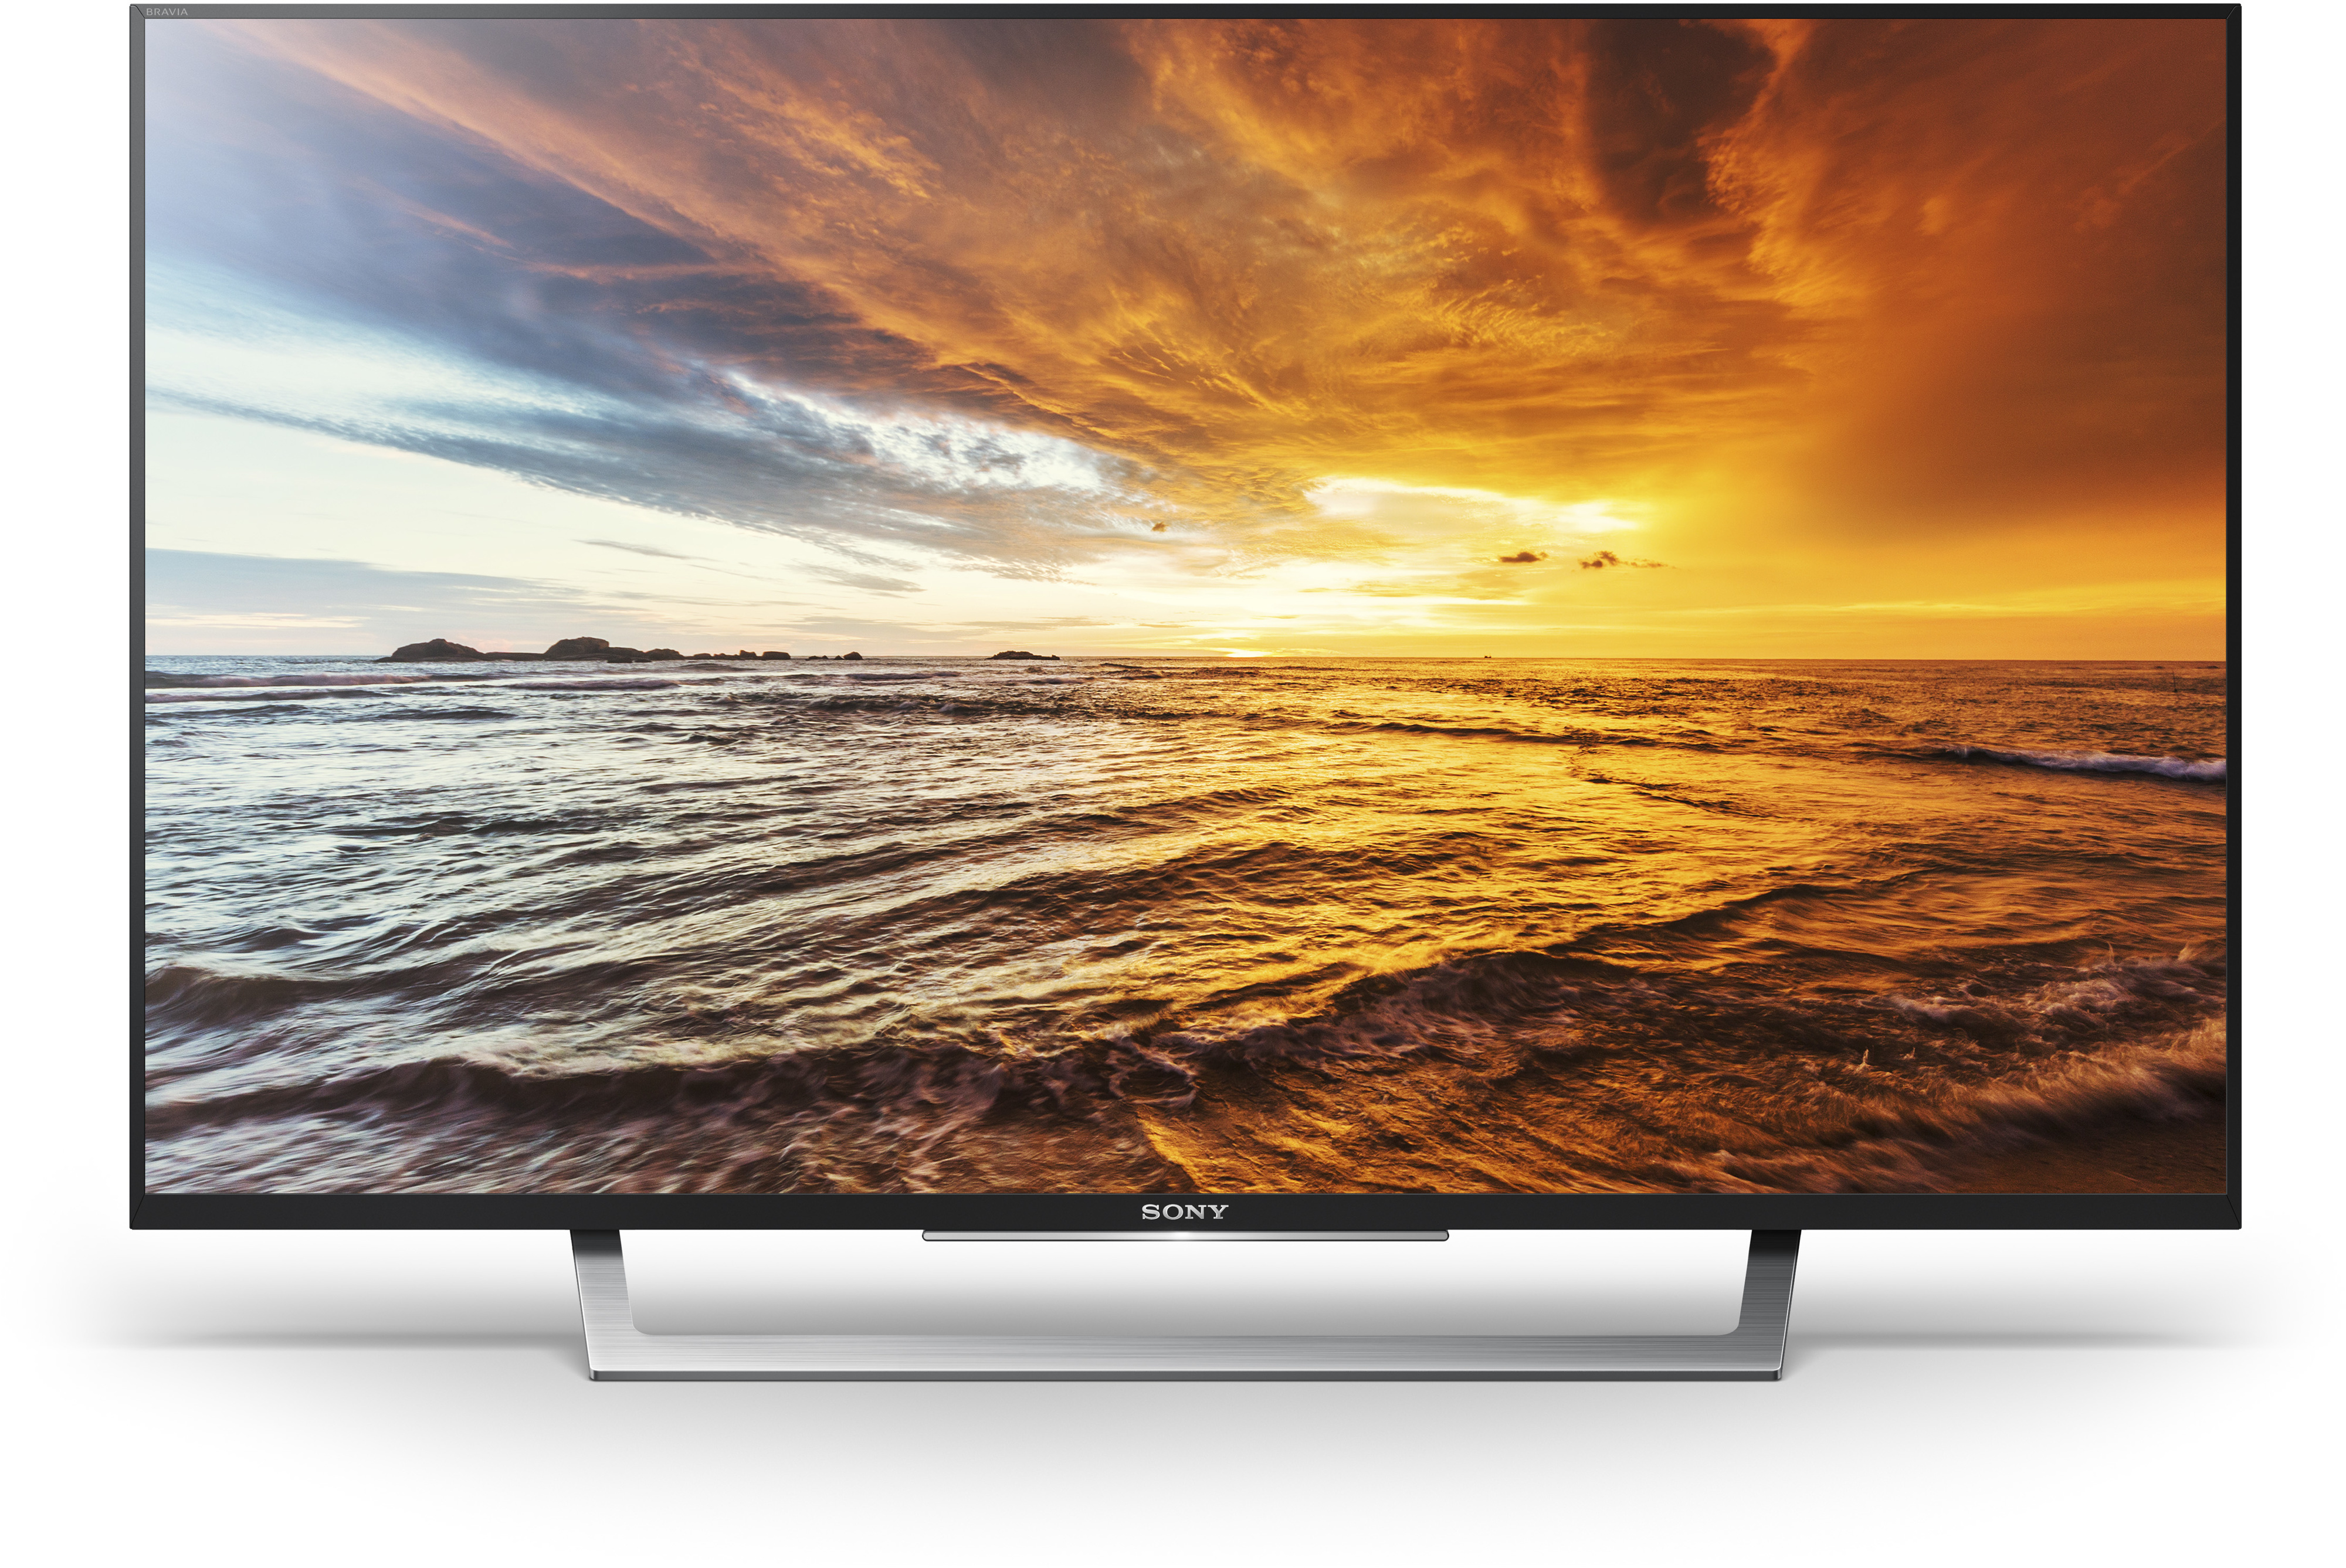 Телевизор LED Sony KDL-32WD753 hpu6900pic 433 ib 2u ipc card 02027 12030 80 100% test good quality